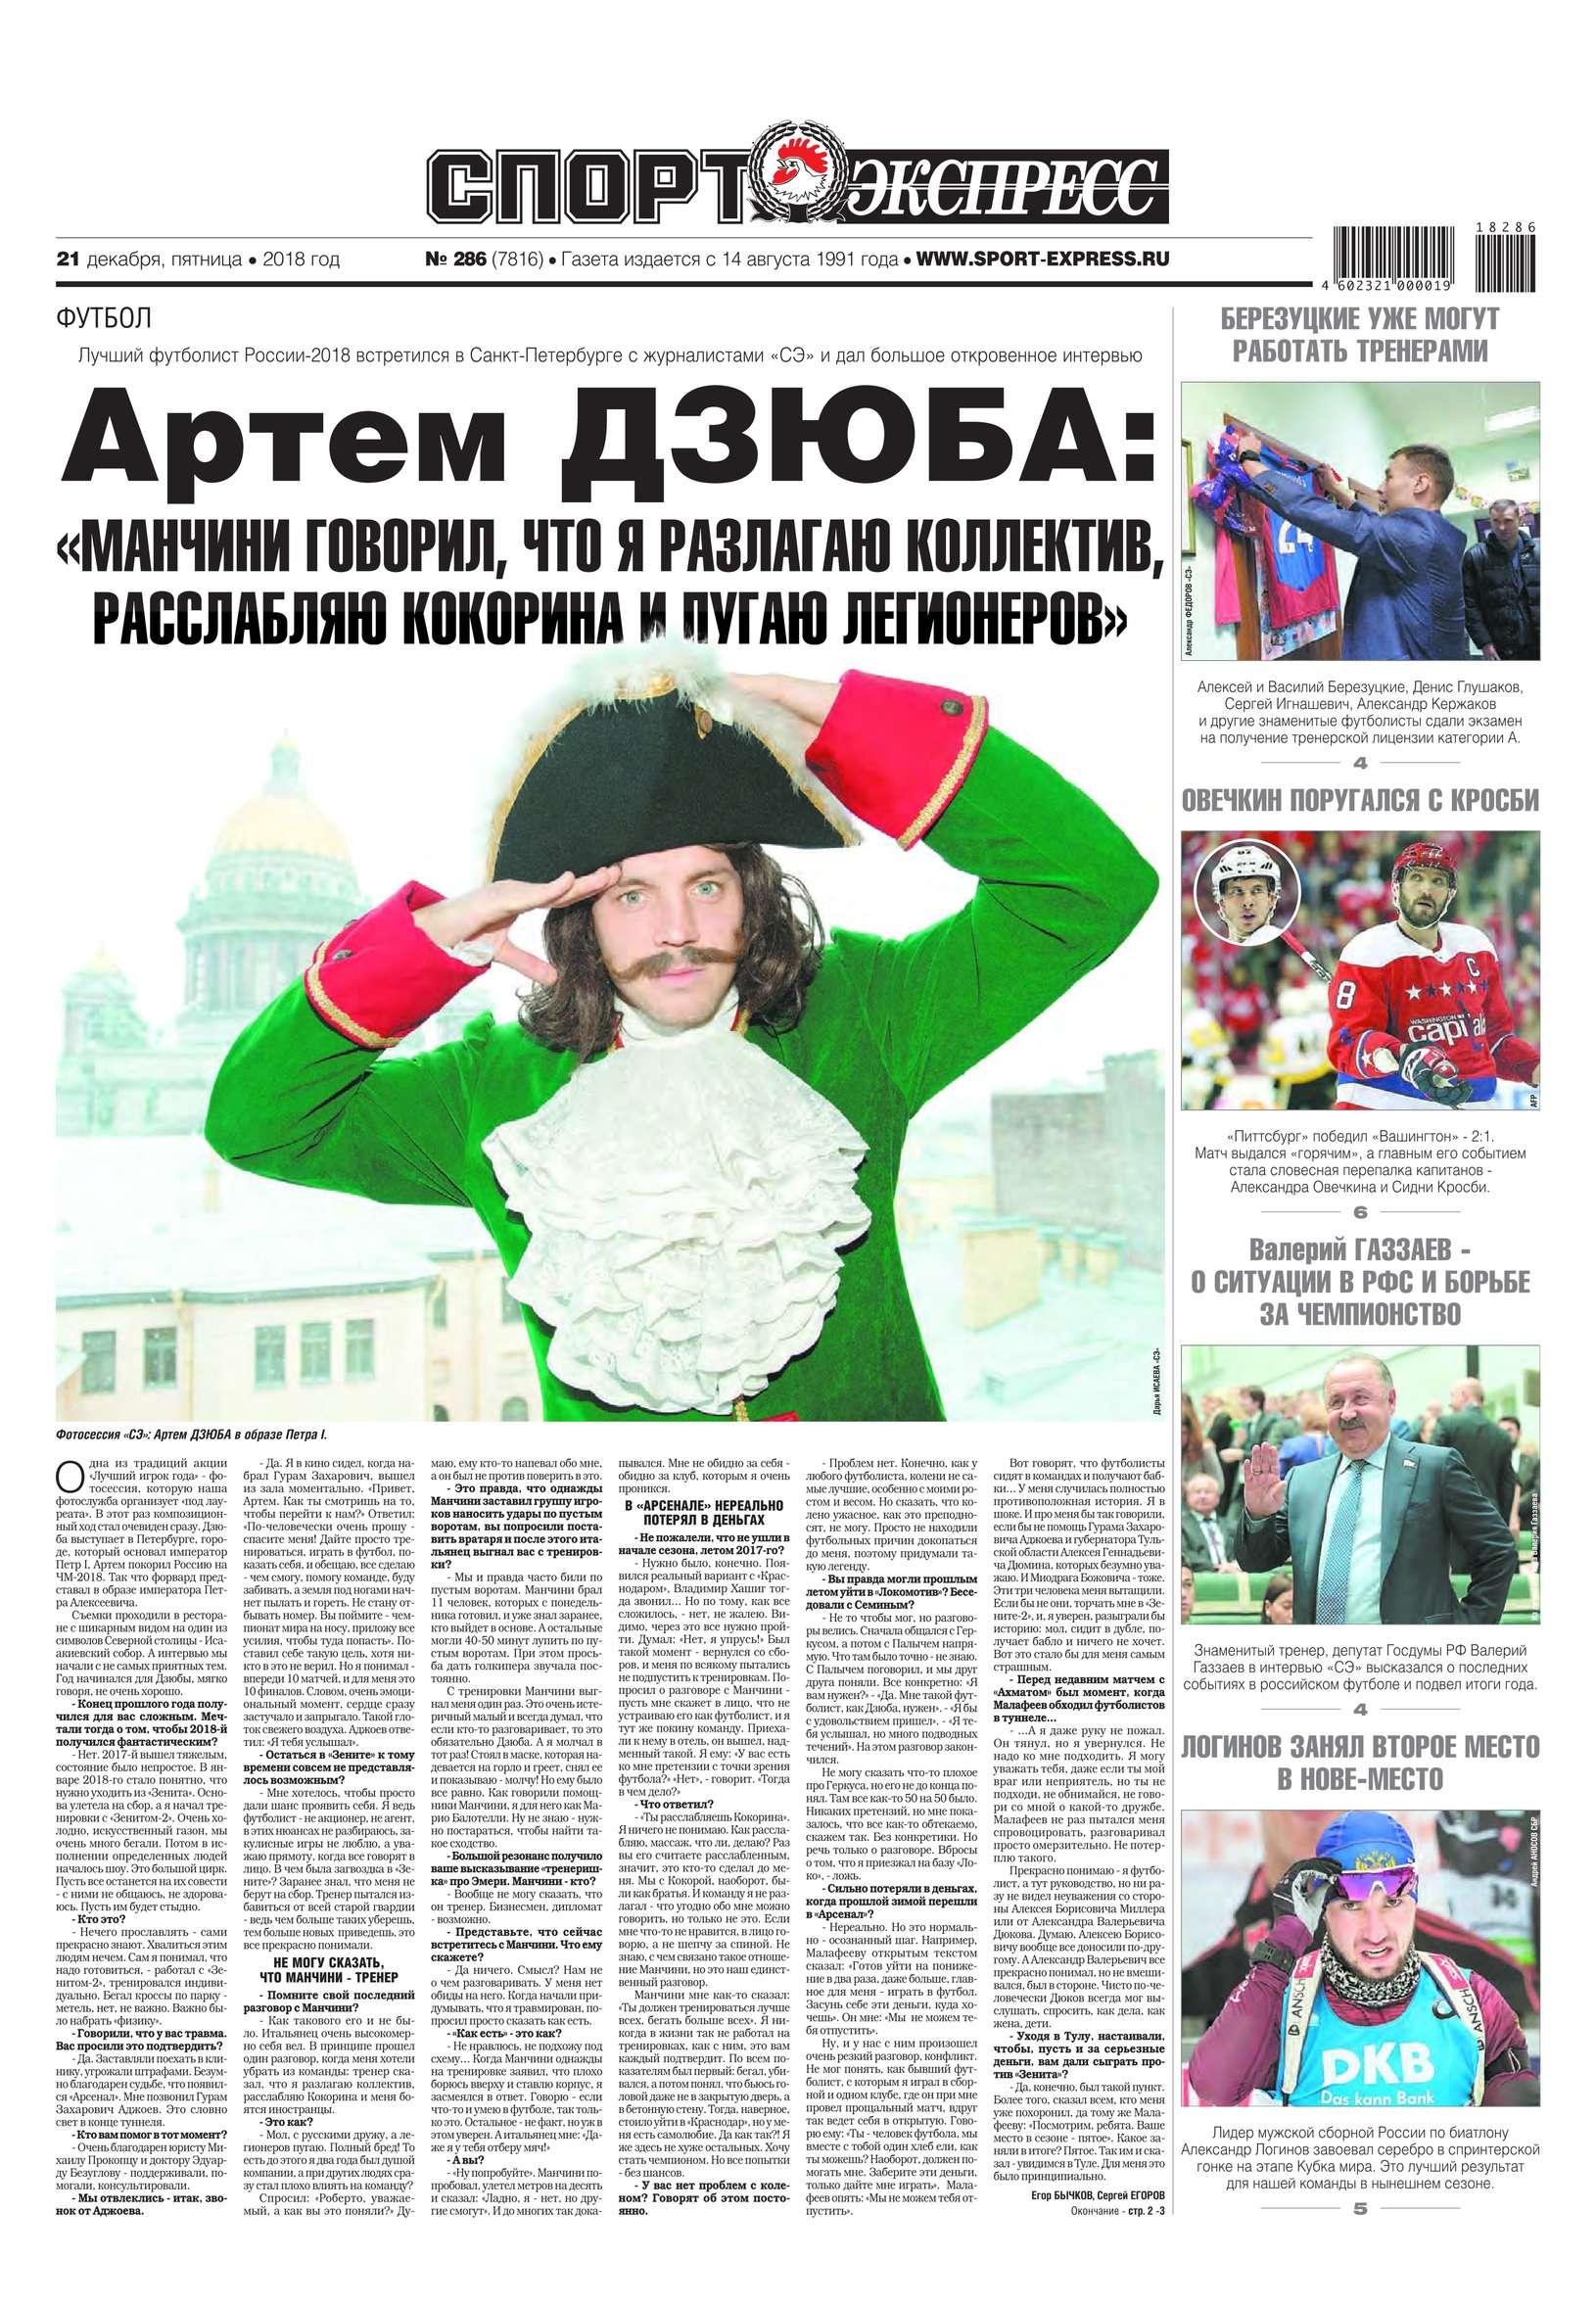 цена Редакция газеты Спорт-экспресс Спорт-экспресс 286-2018